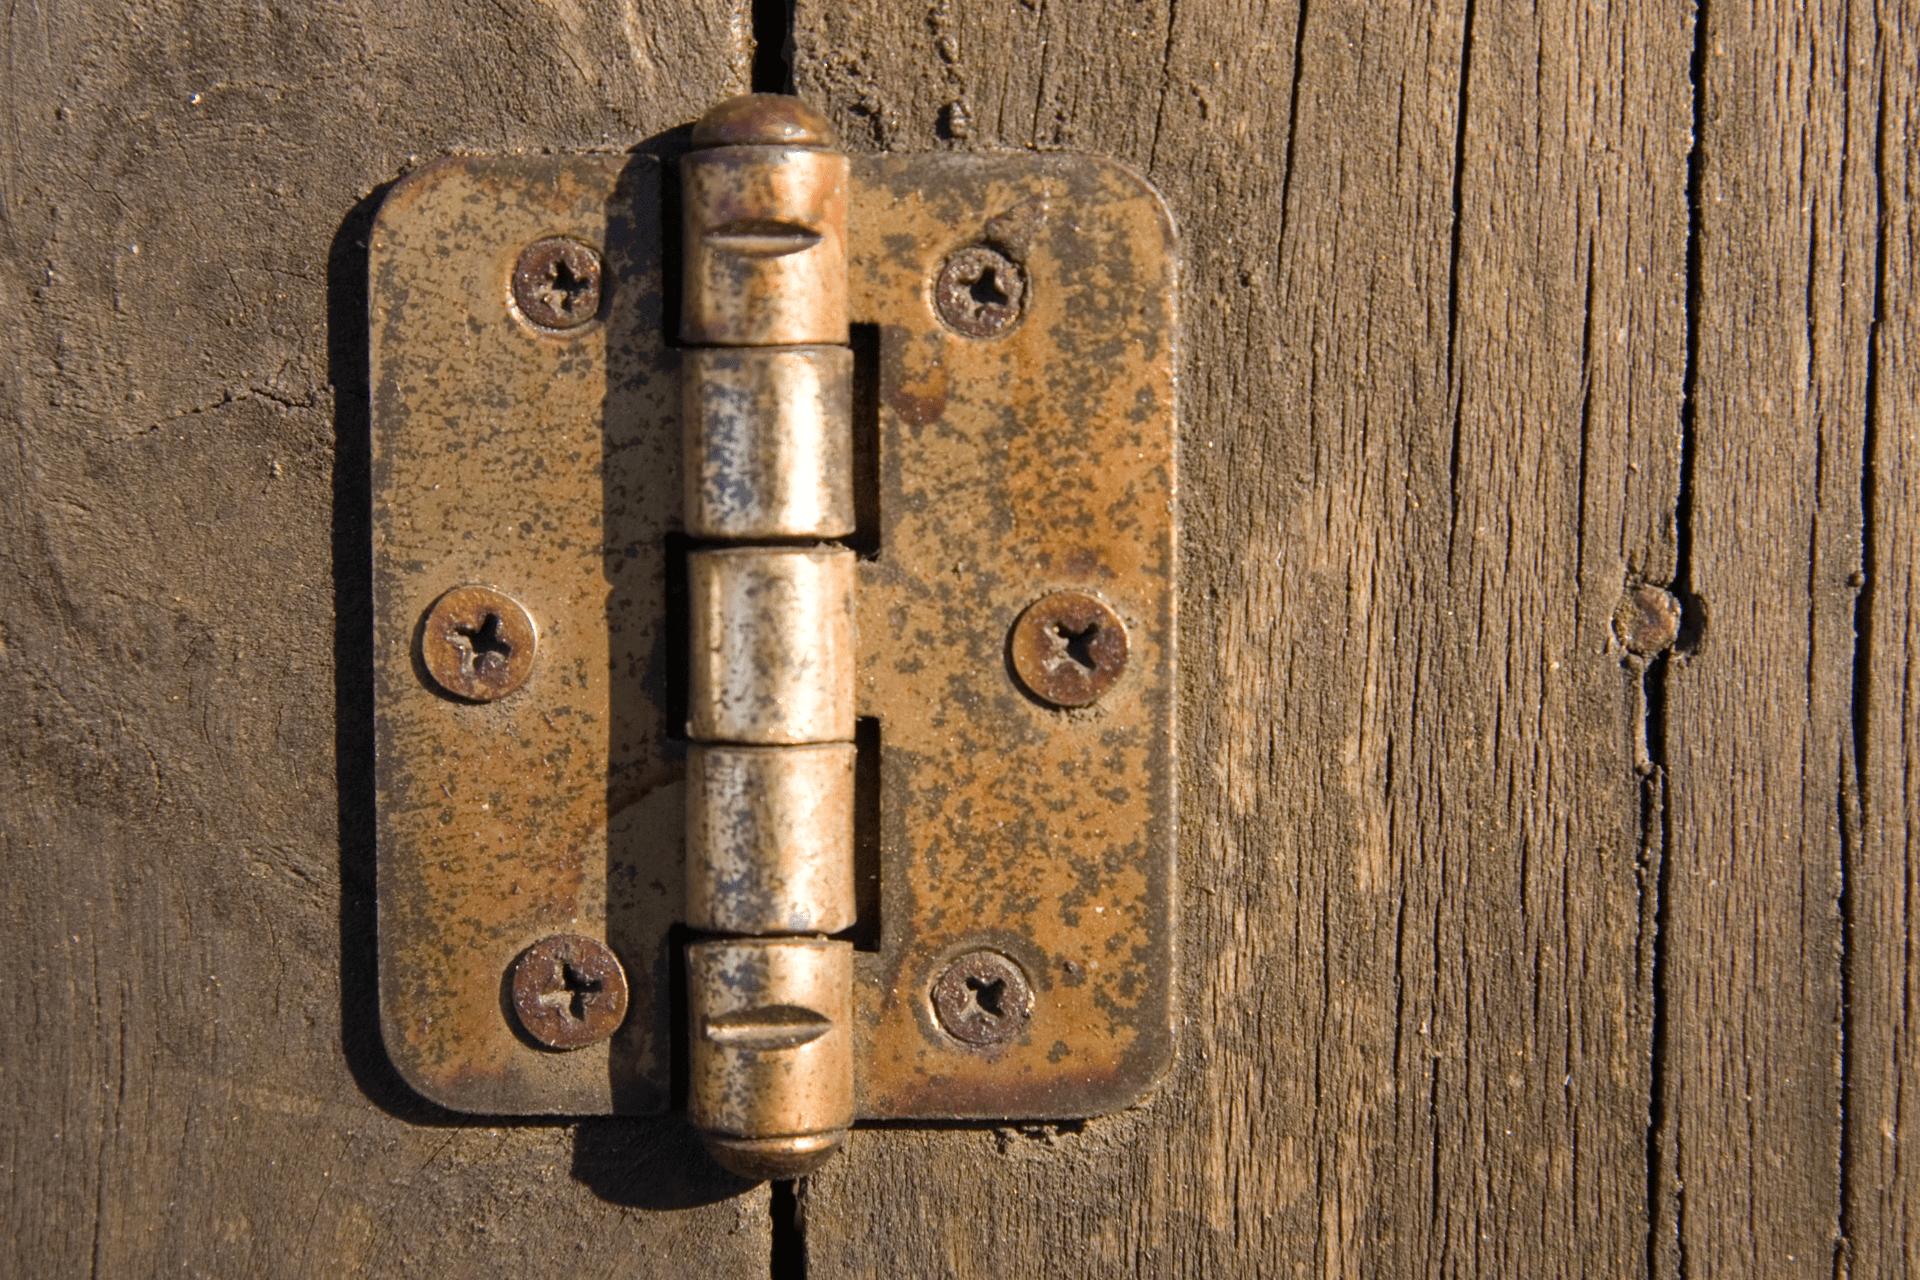 Hvordan smøre hengsler - smøre dørhengsler